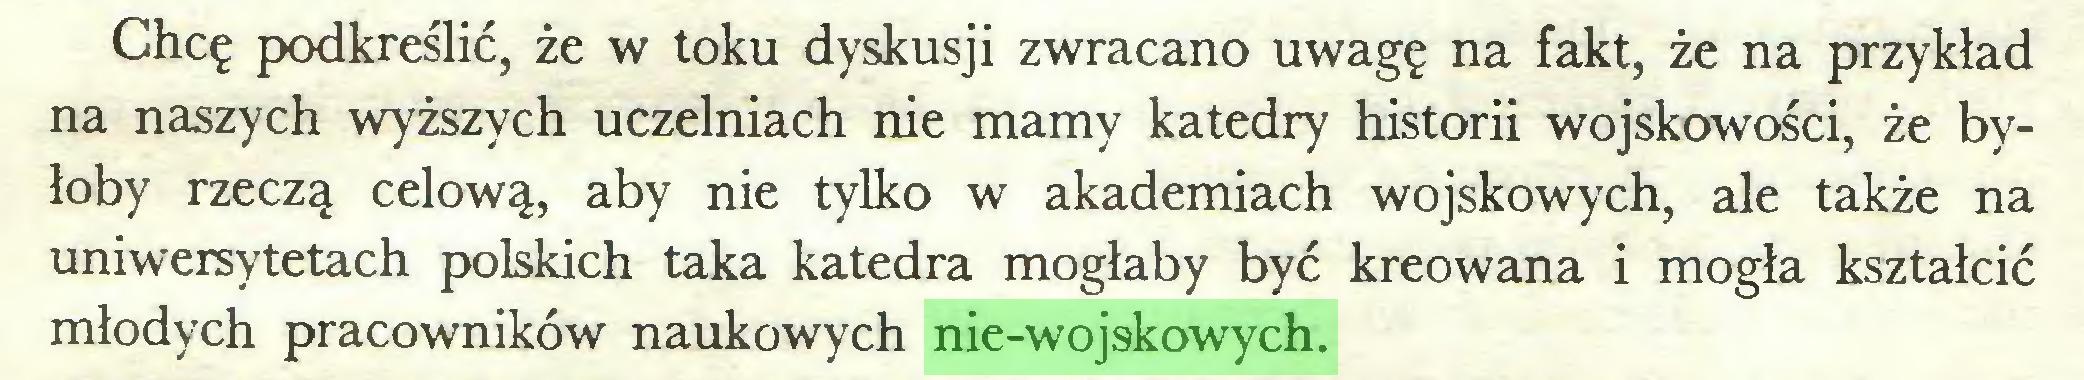 (...) Chcę podkreślić, że w toku dyskusji zwracano uwagę na fakt, że na przykład na naszych wyższych uczelniach nie mamy katedry historii wojskowości, że byłoby rzeczą celową, aby nie tylko w akademiach wojskowych, ale także na uniwersytetach polskich taka katedra mogłaby być kreowana i mogła kształcić młodych pracowników naukowych nie-wojskowych...